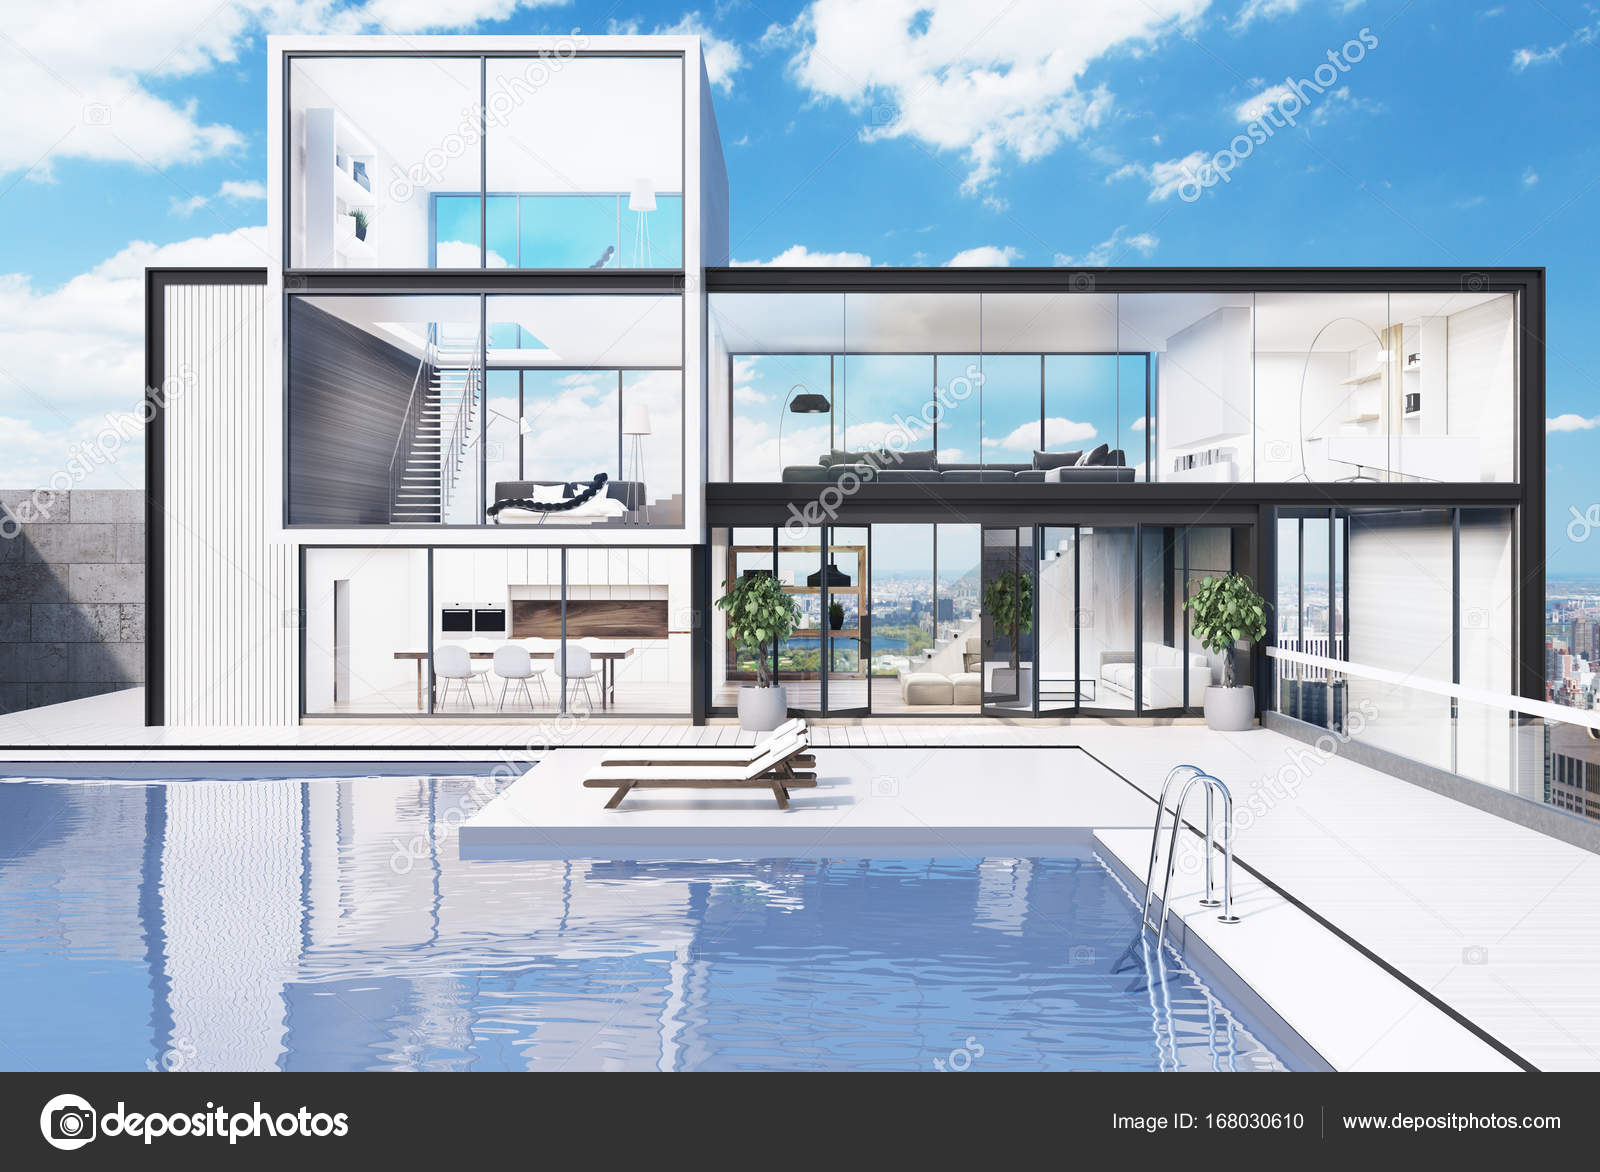 Blanc en bois et verre mur manoir avec une piscine de luxe il y a deux chaises longues dans lyard rendu 3d maquette image de denisismagilov